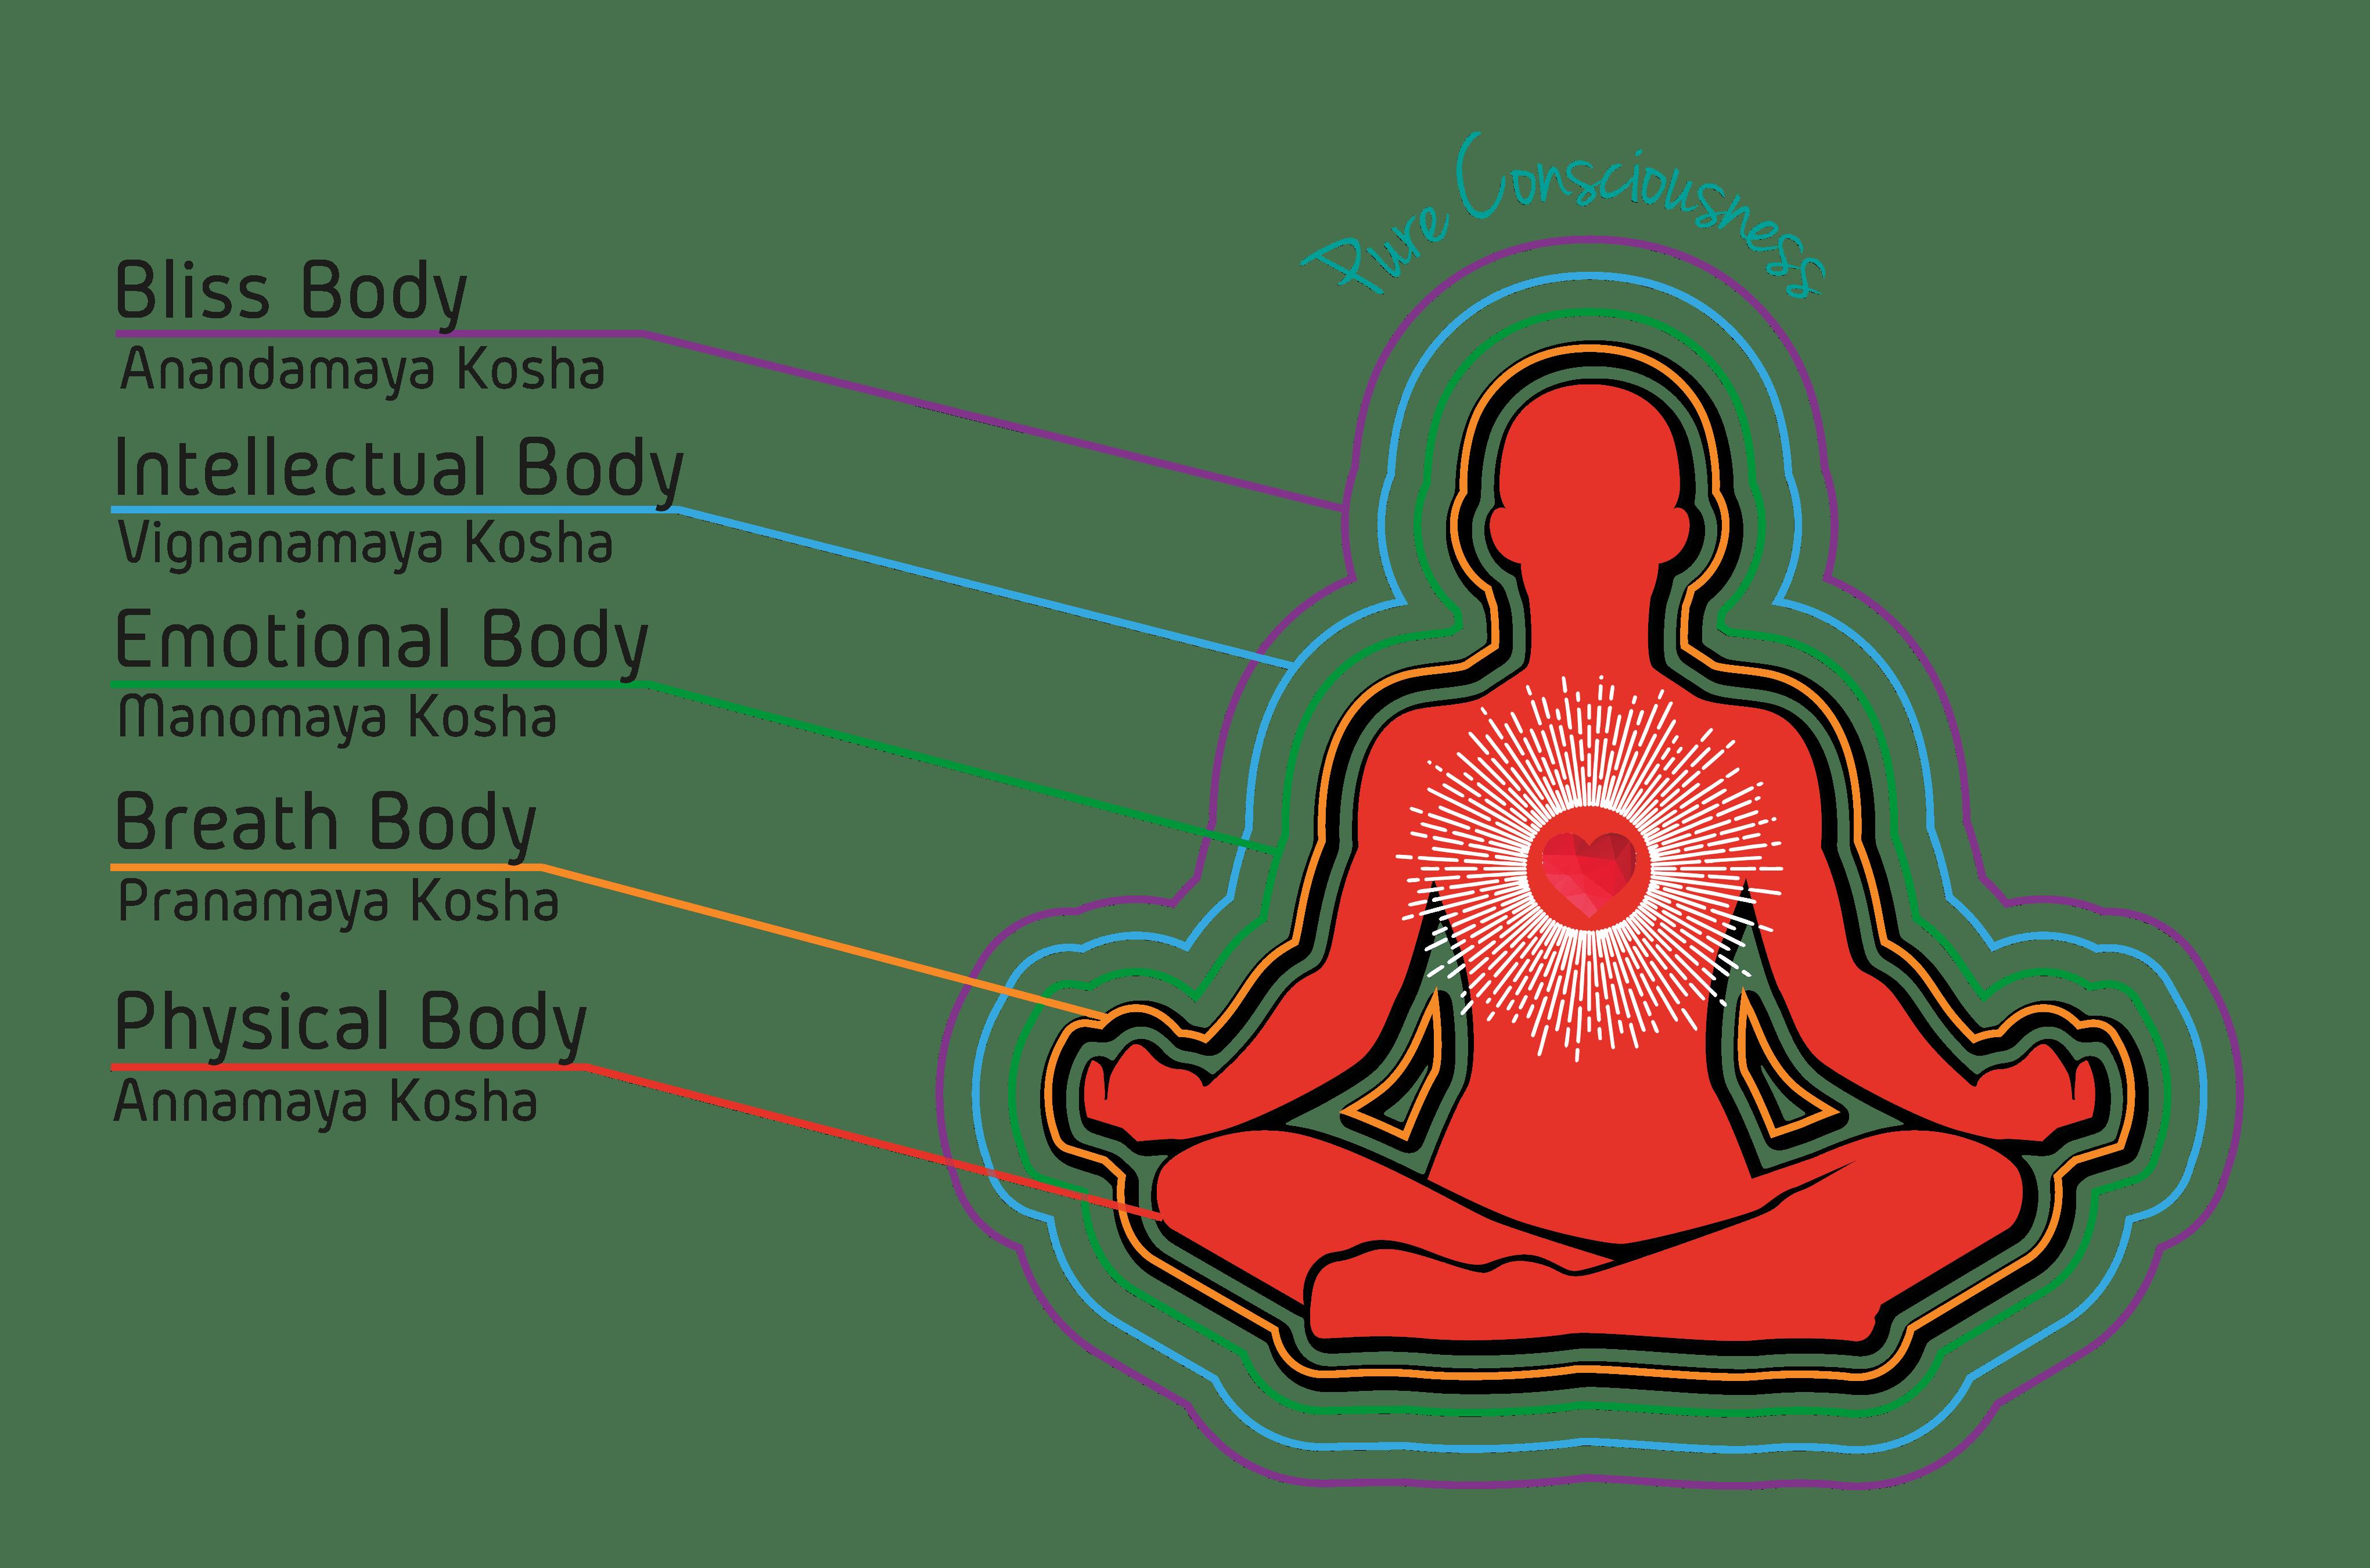 Life of Wellness Institute - Pancha Maya Kosha